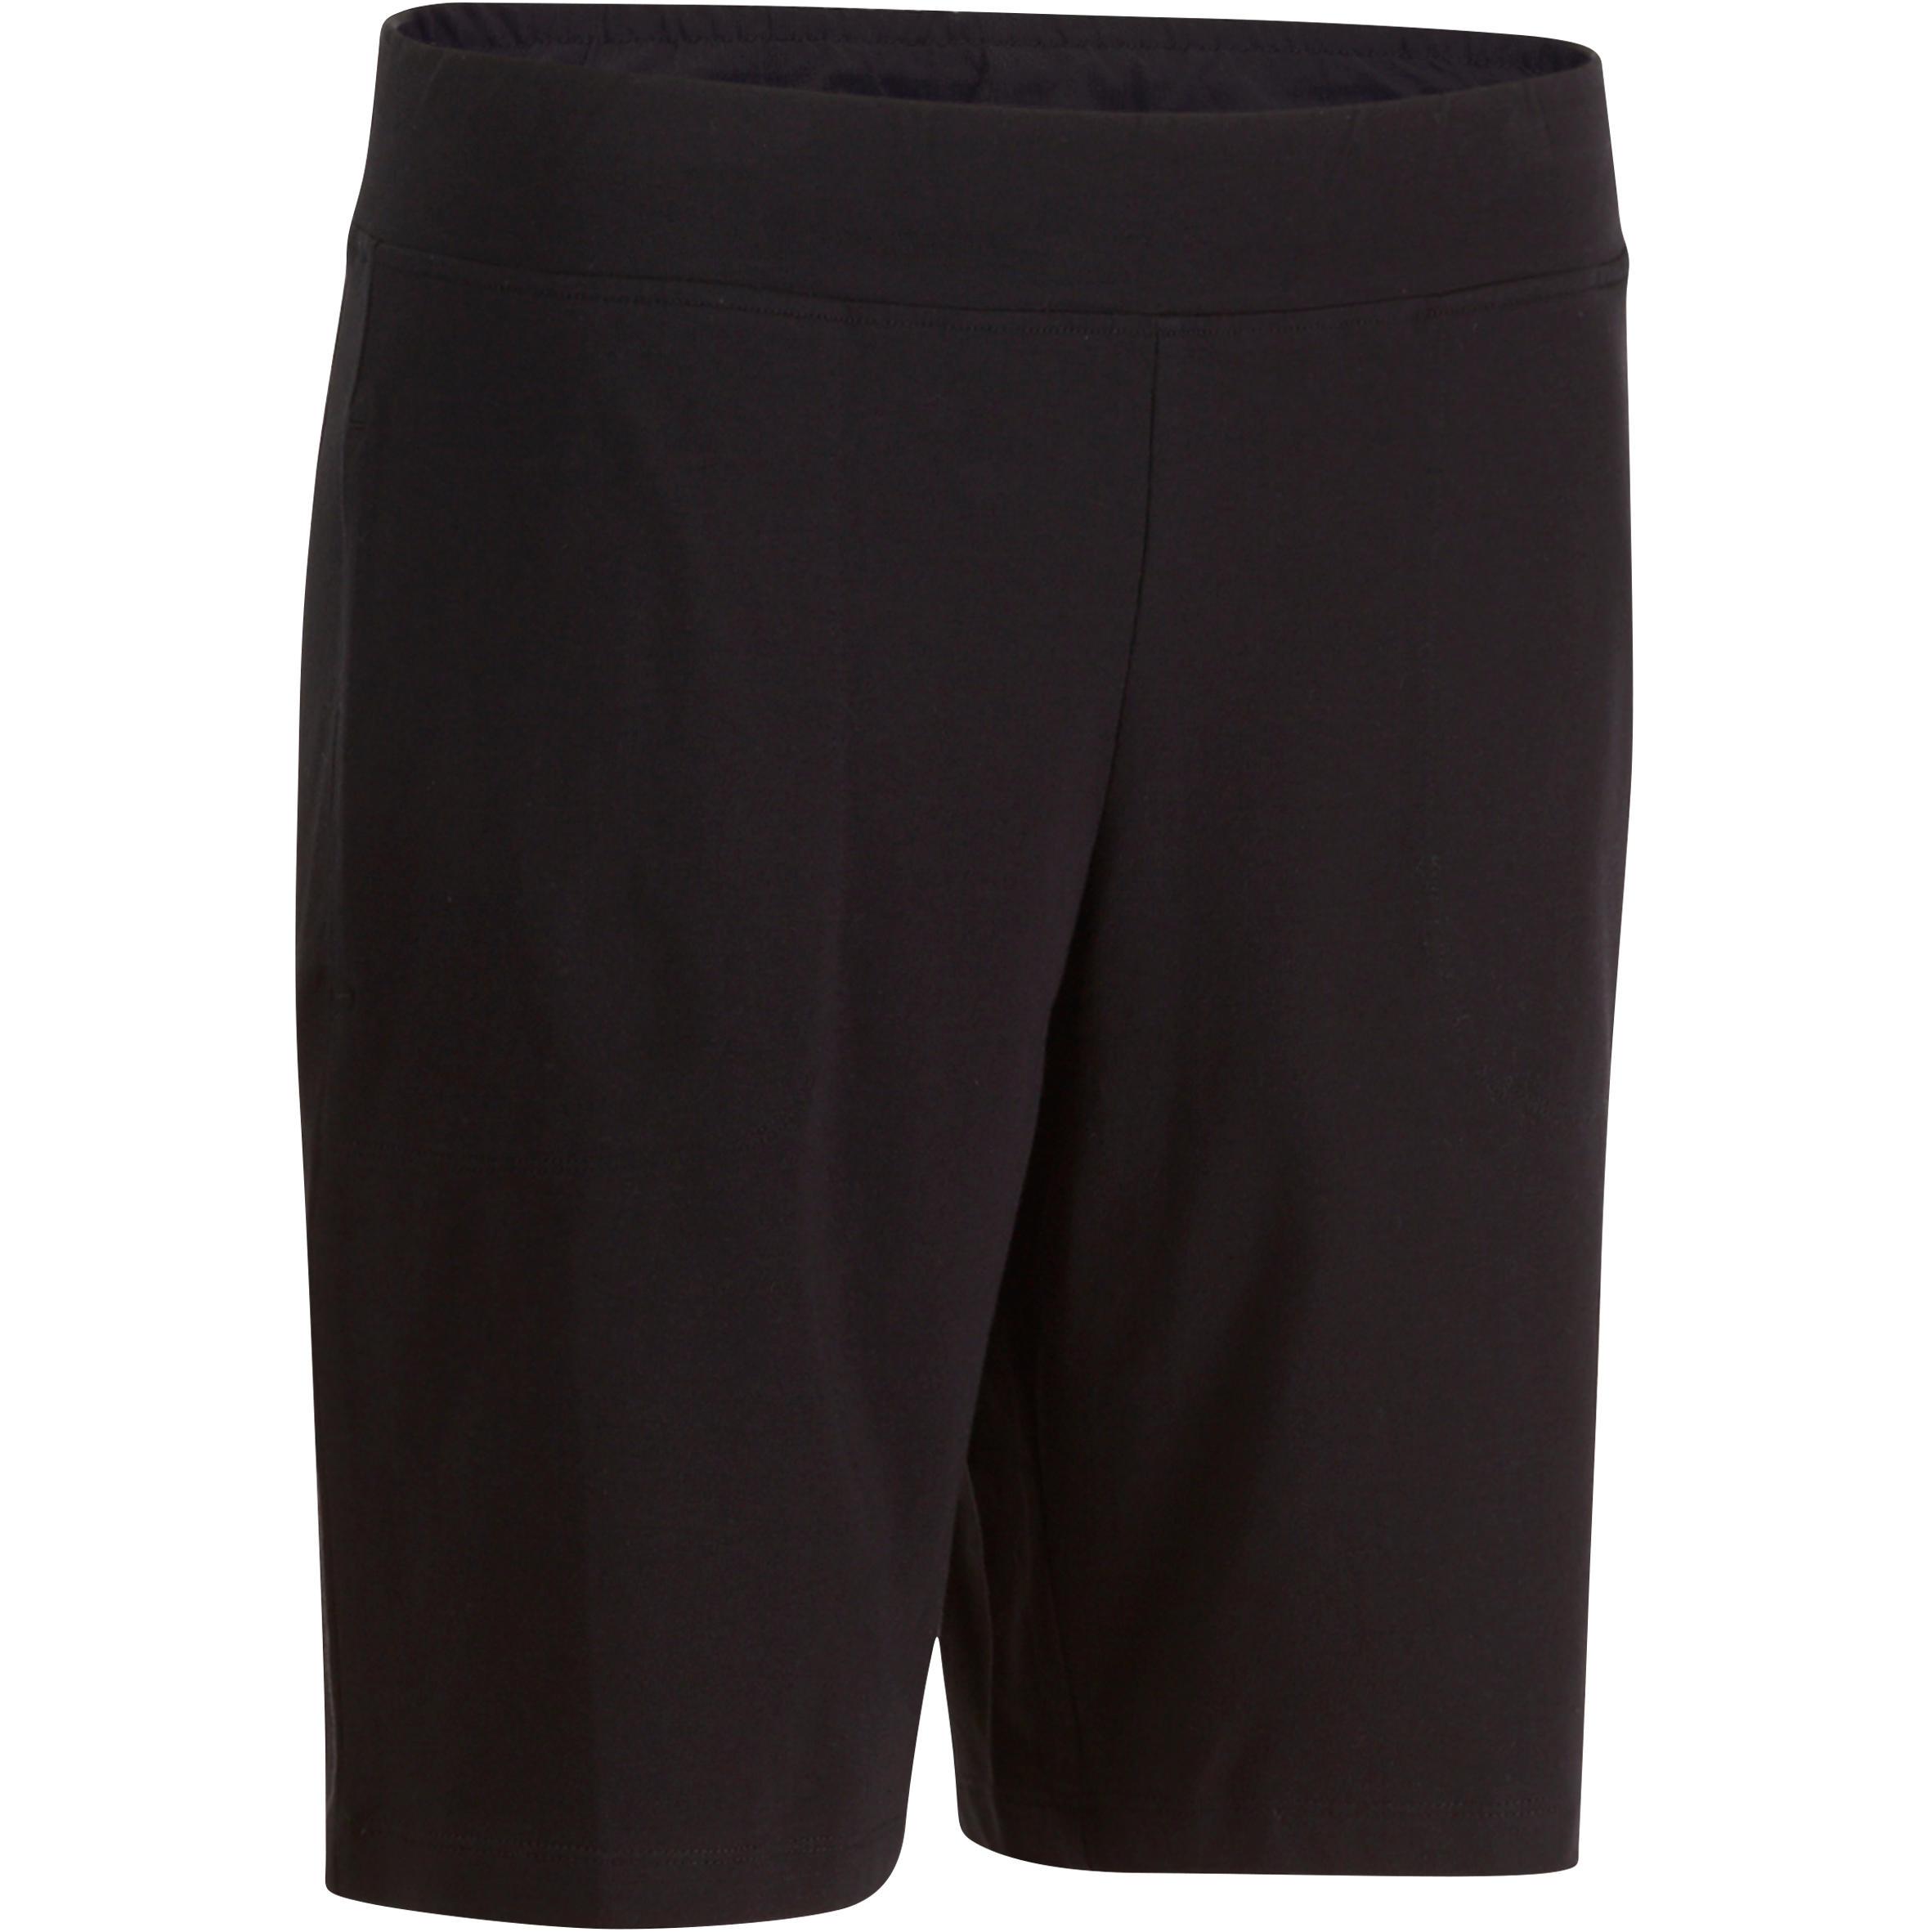 Short FORME+ 500 régulier Gym étirements femme noir